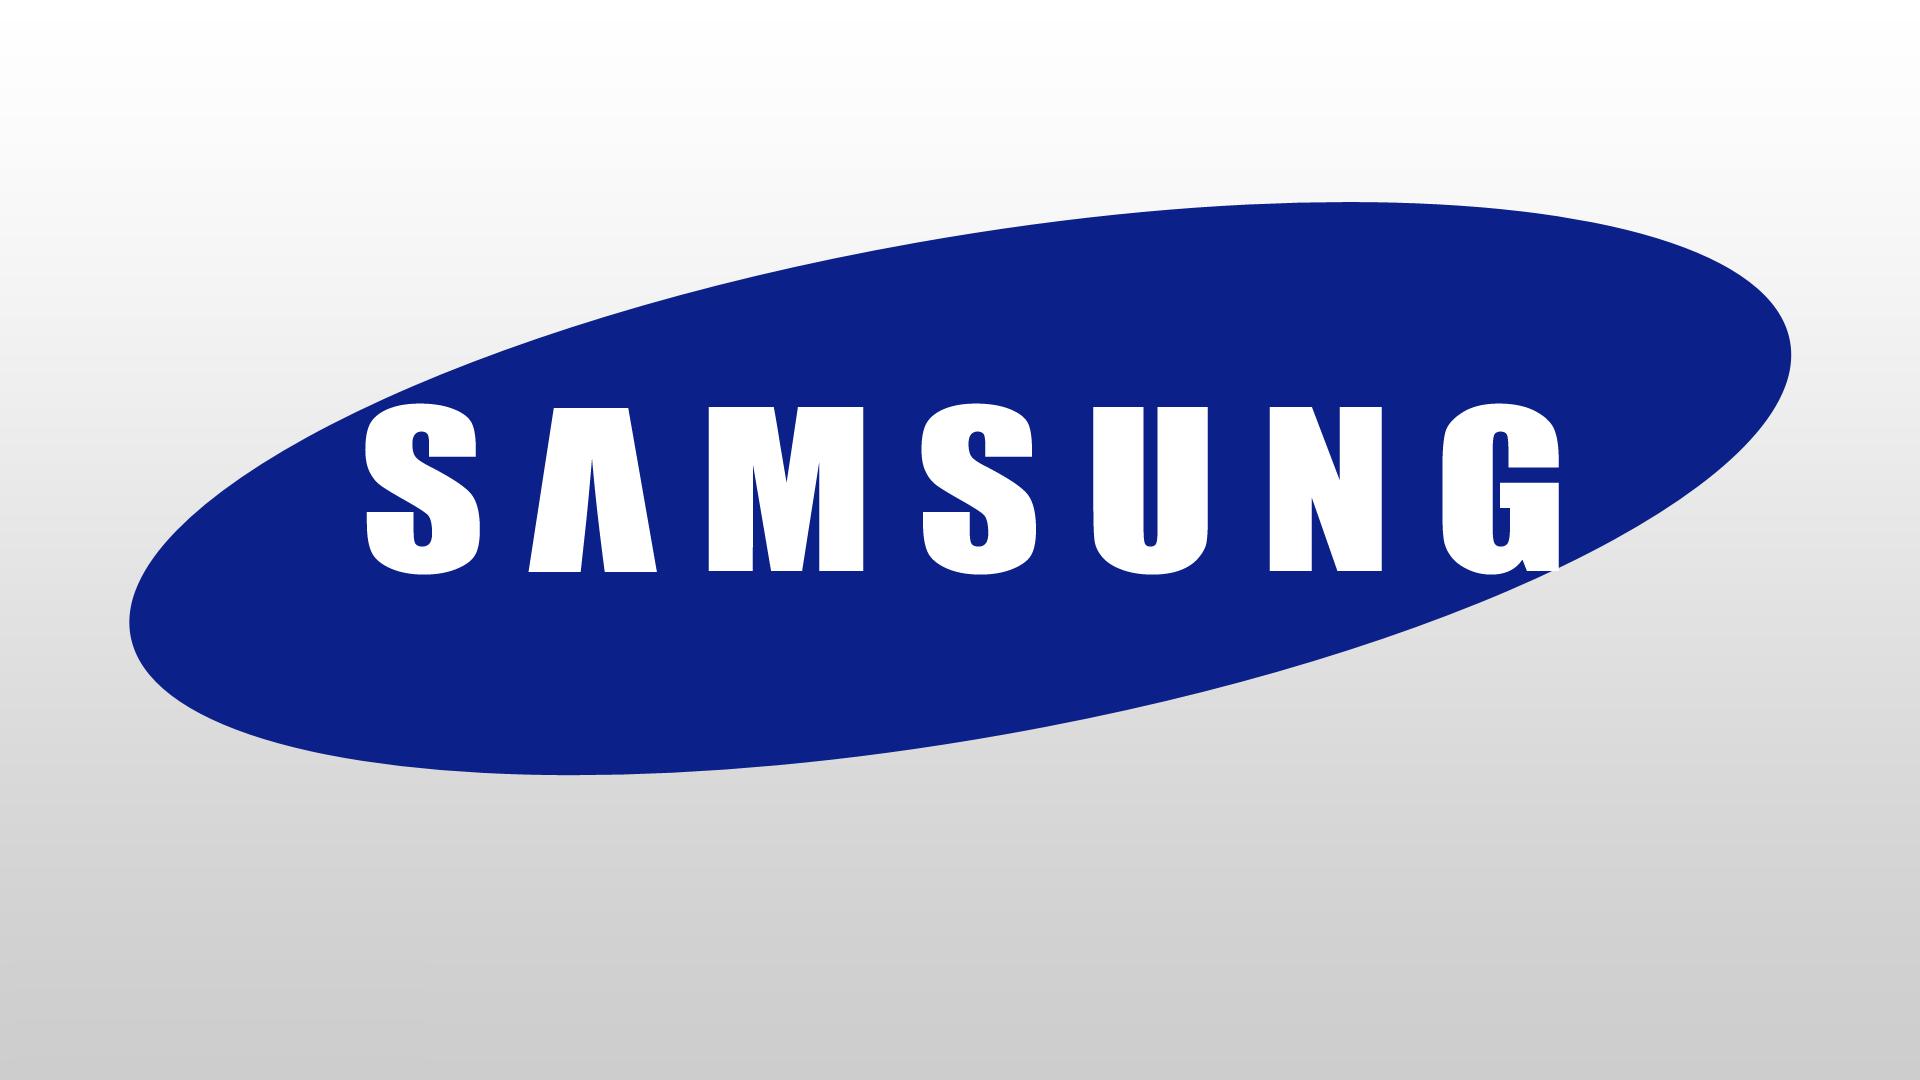 Samsung Galaxy Note 8 могут оснастить двойной камерой с 3-кратным оптическим зумом